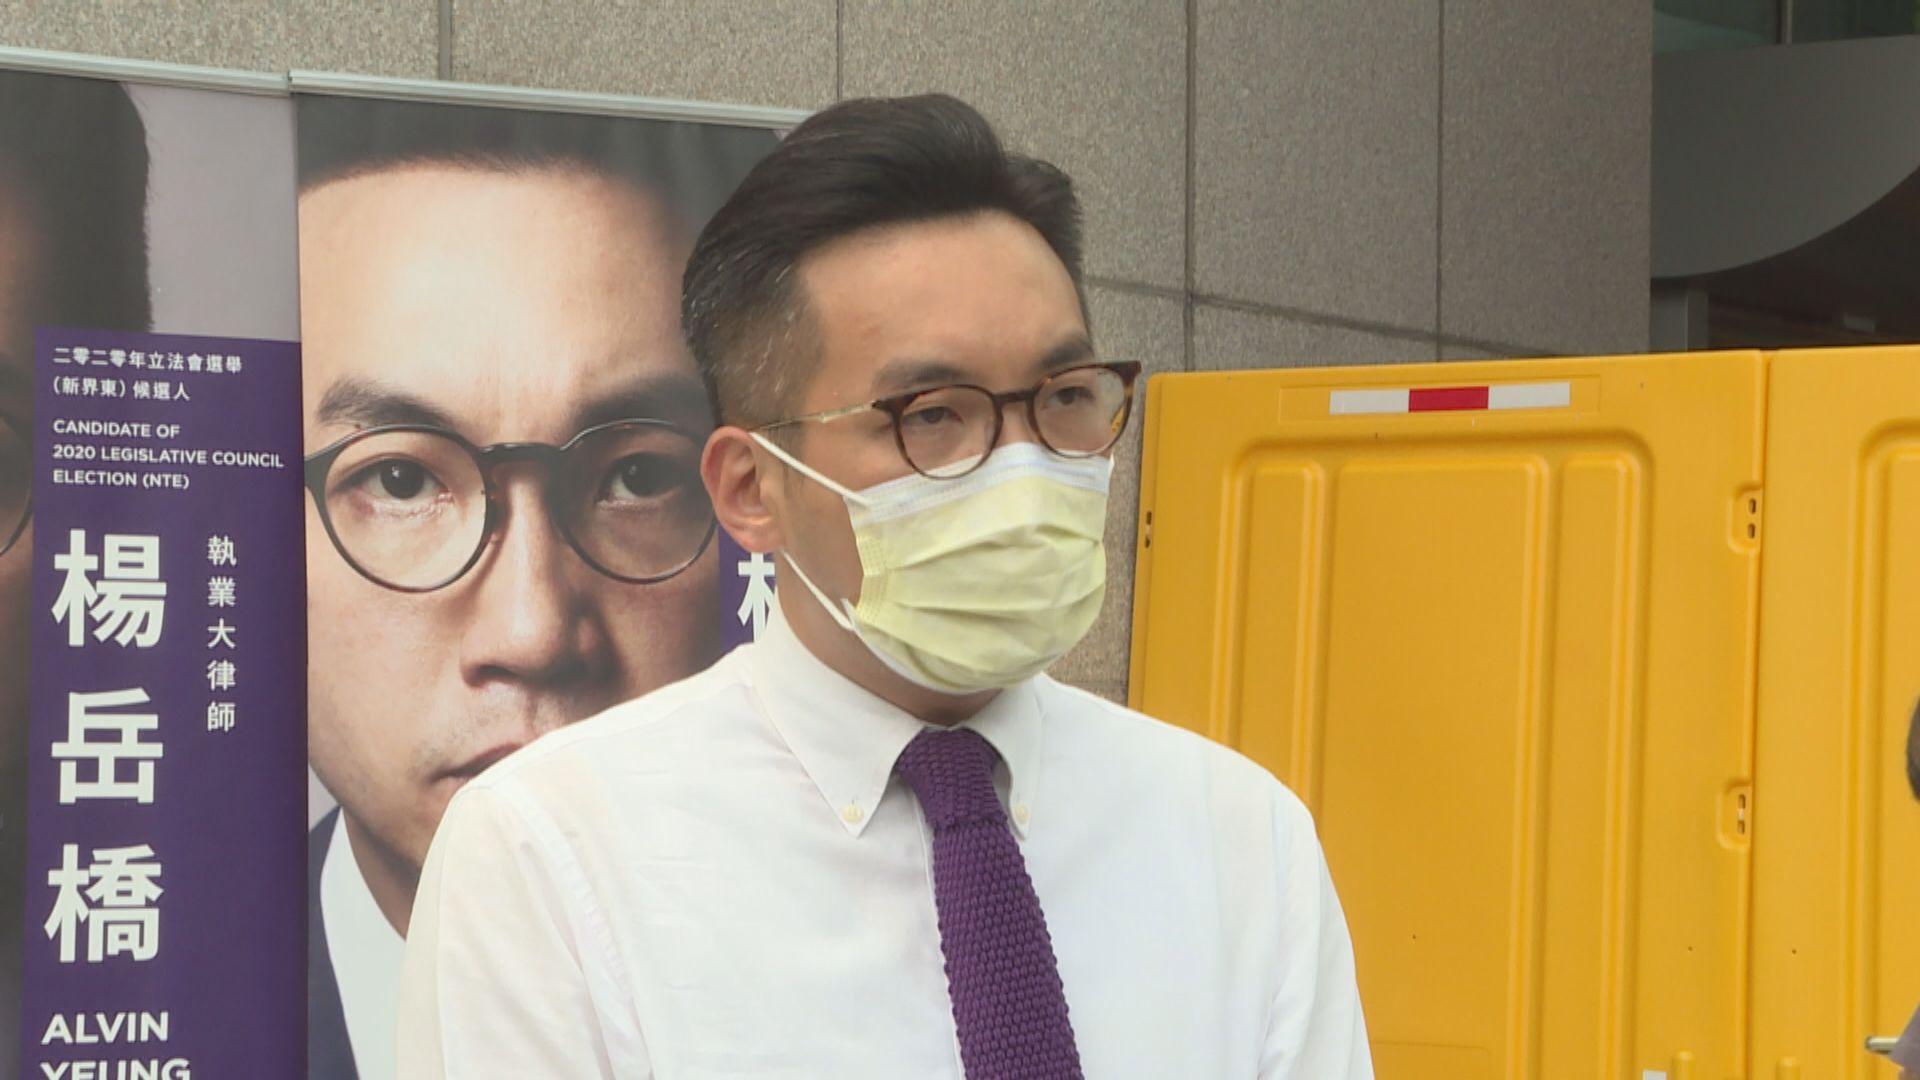 楊岳橋︰被取消資格議員延任無矛盾